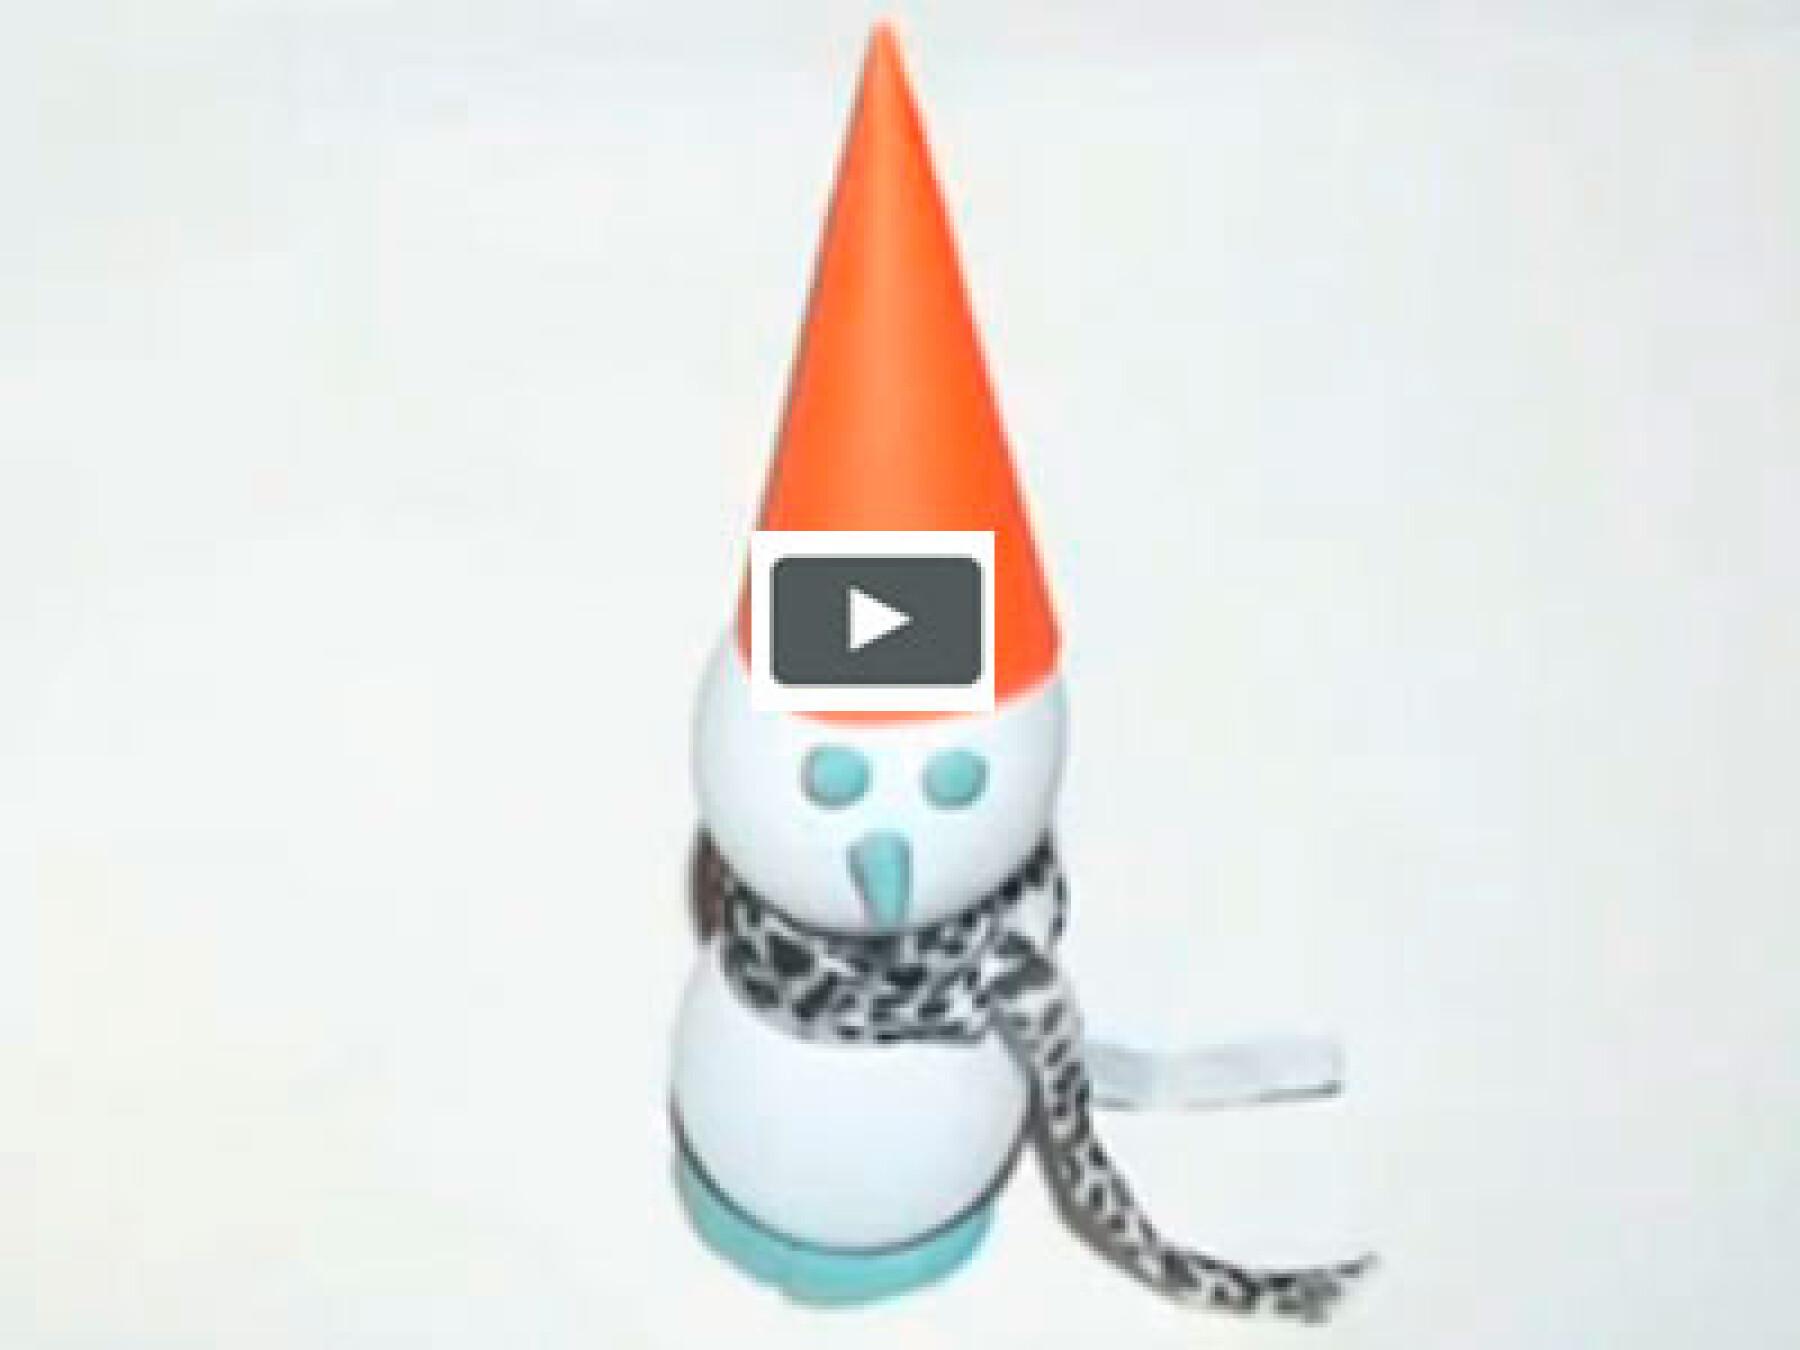 vidéo bricolage bonhomme de neige